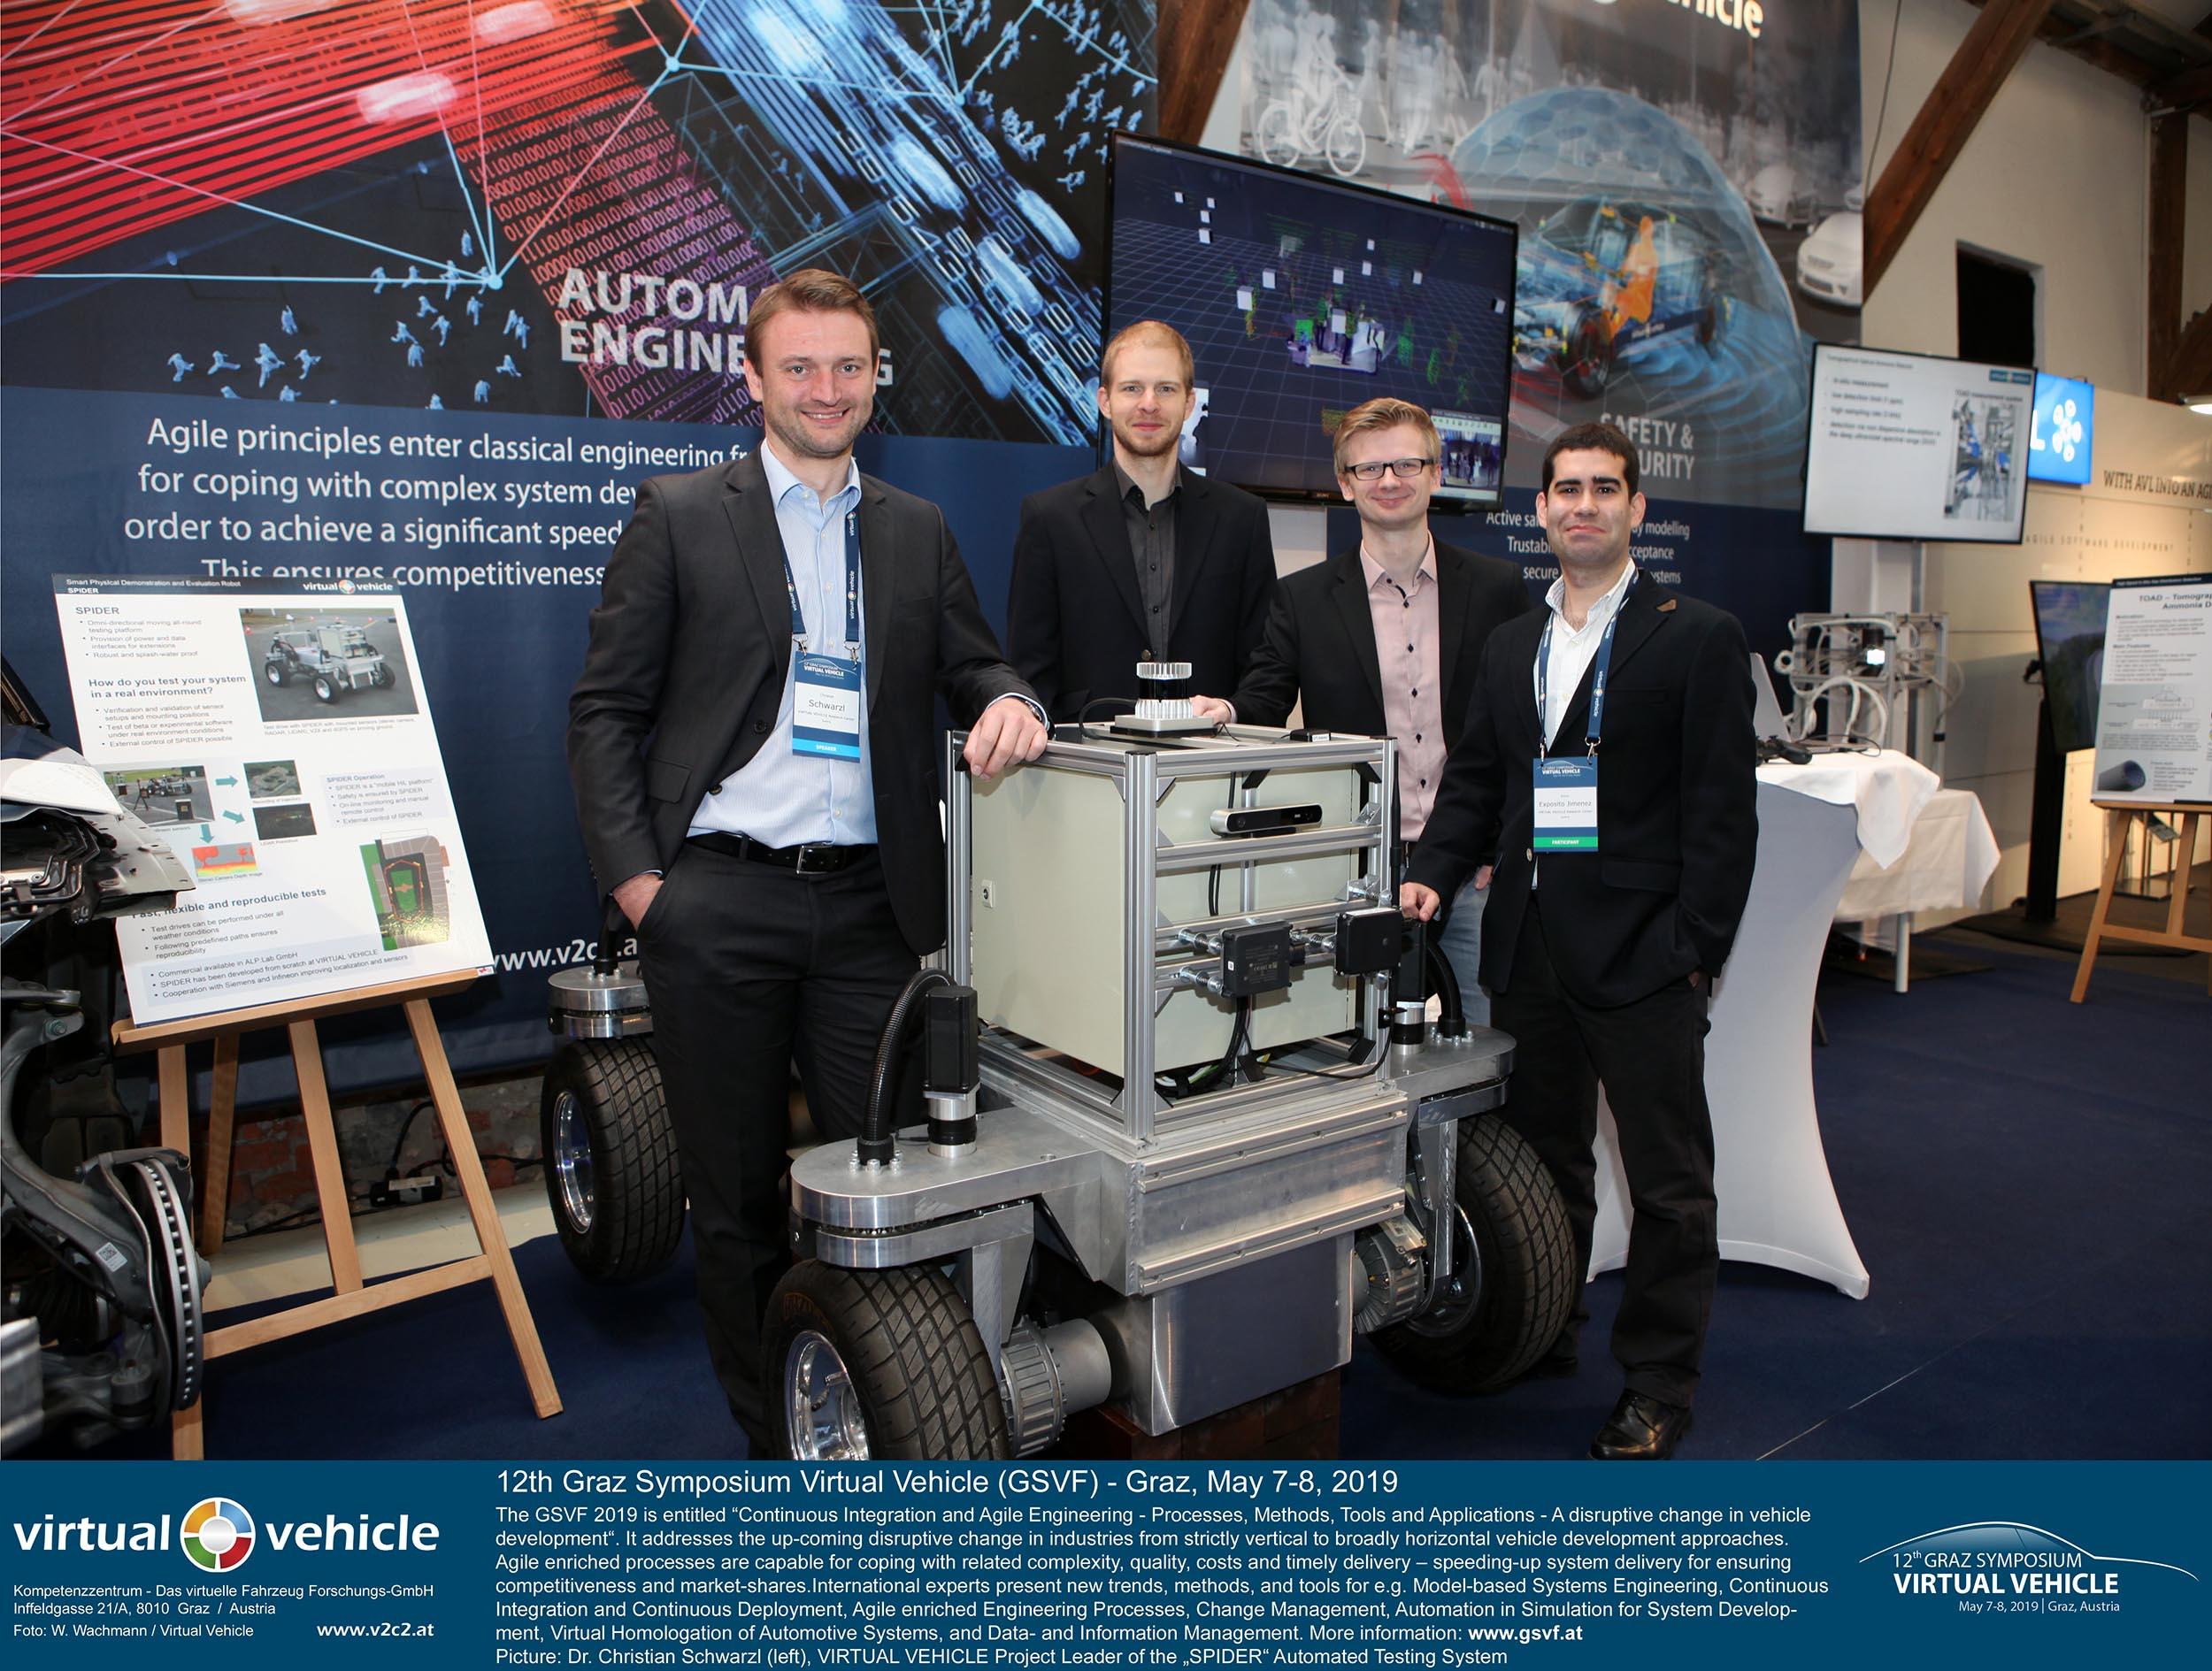 Das Team um Projektleiter Dr. Christian Schwarzl (VIRTUAL VEHICLE) zeigt SPIDER, eine Testplattform für Automatisiertes Fahren auf dem 12. Grazer Symposium Virtuelles Fahrzeug 2019. ©VIRTUAL VEHICLE